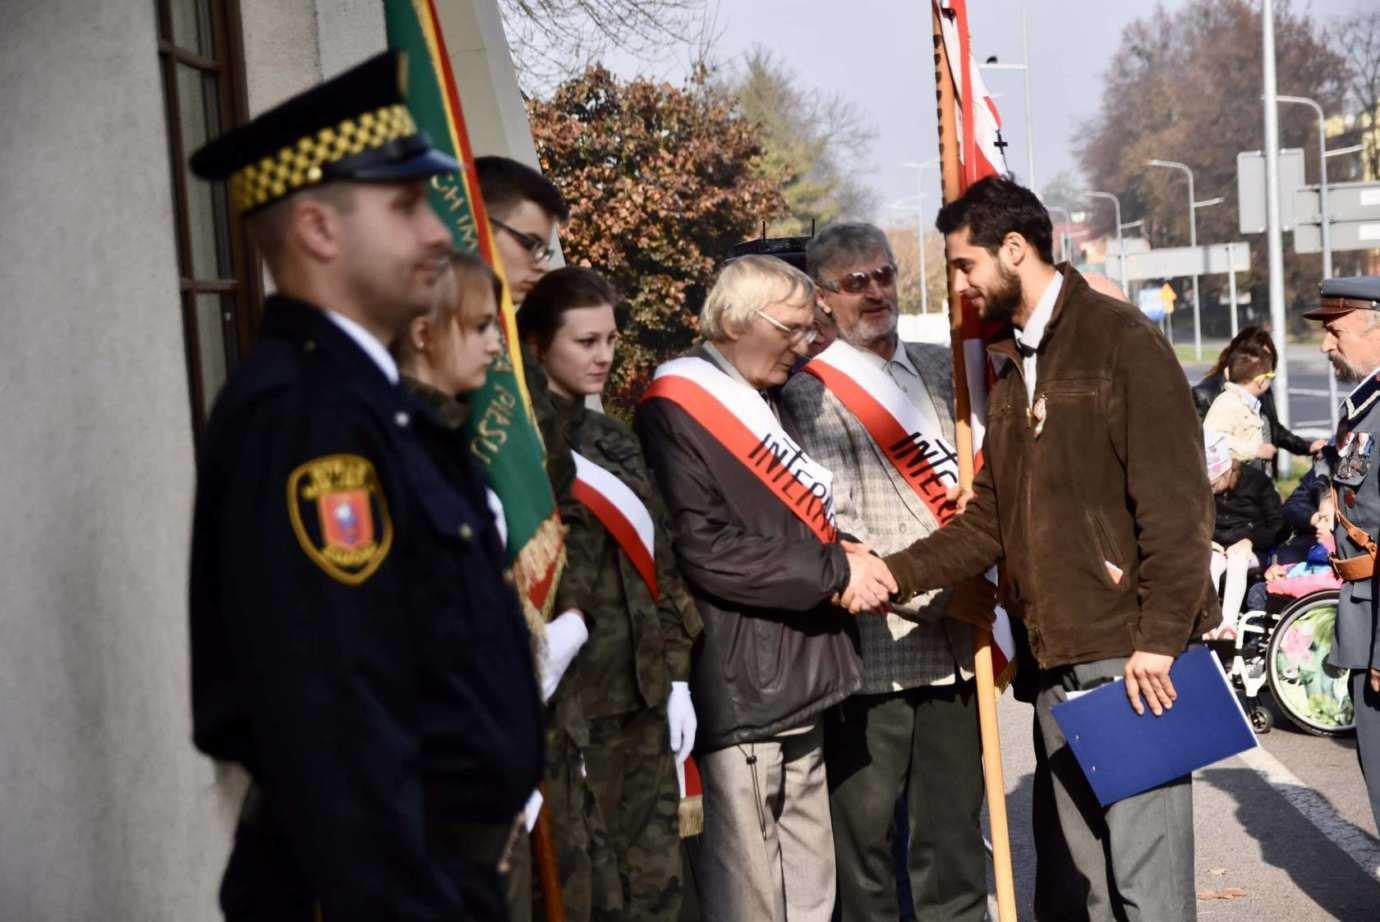 dsc 9508 Zamość: Obchody Narodowego Święta Węgier [ZDJĘCIA, FILM]